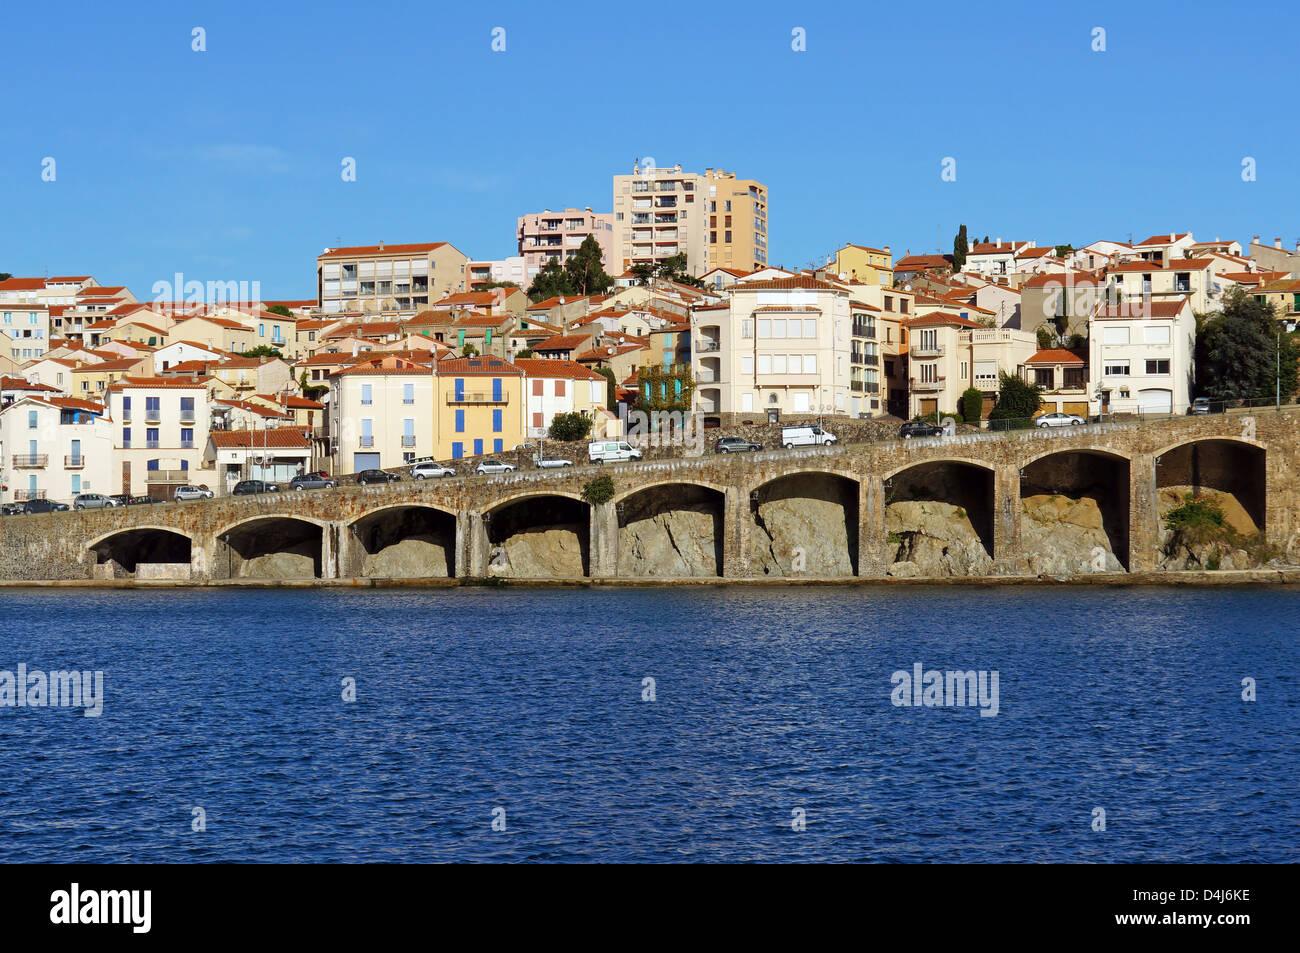 Vue côtière de la ville de Banyuls-sur-Mer, mer Méditerranée, Côte Vermeille, Roussillon, Photo Stock